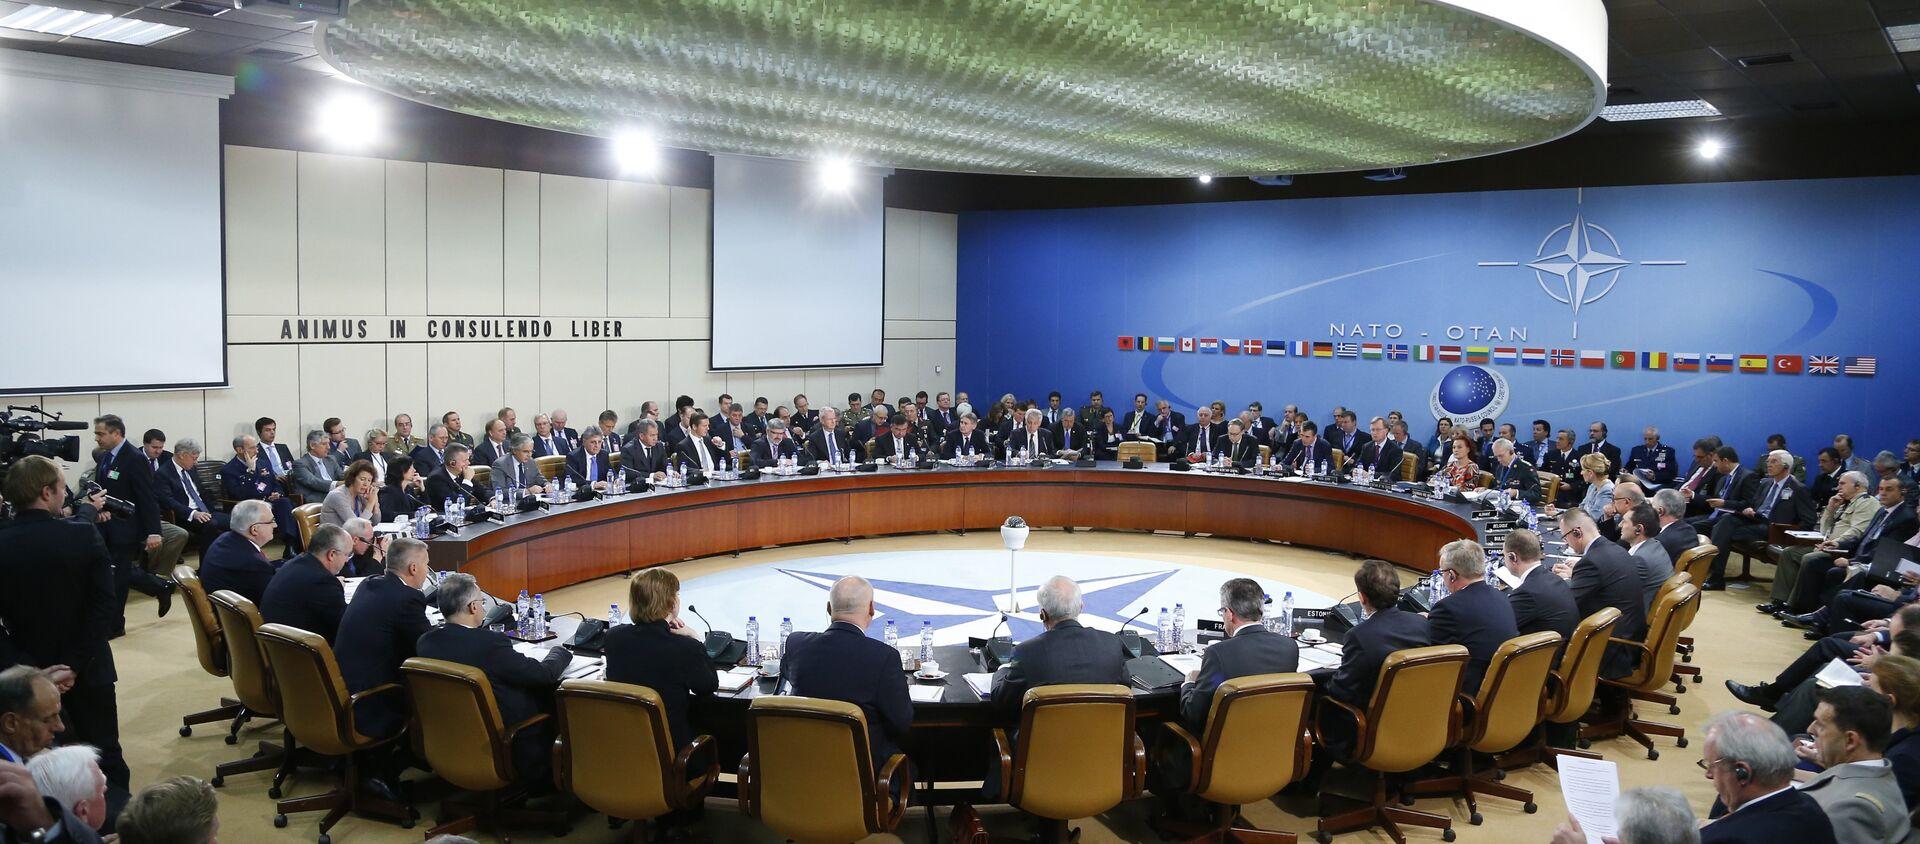 Posiedzenie Rady Rosja-NATO, Bruksela, październik 2013 - Sputnik Polska, 1920, 28.05.2021